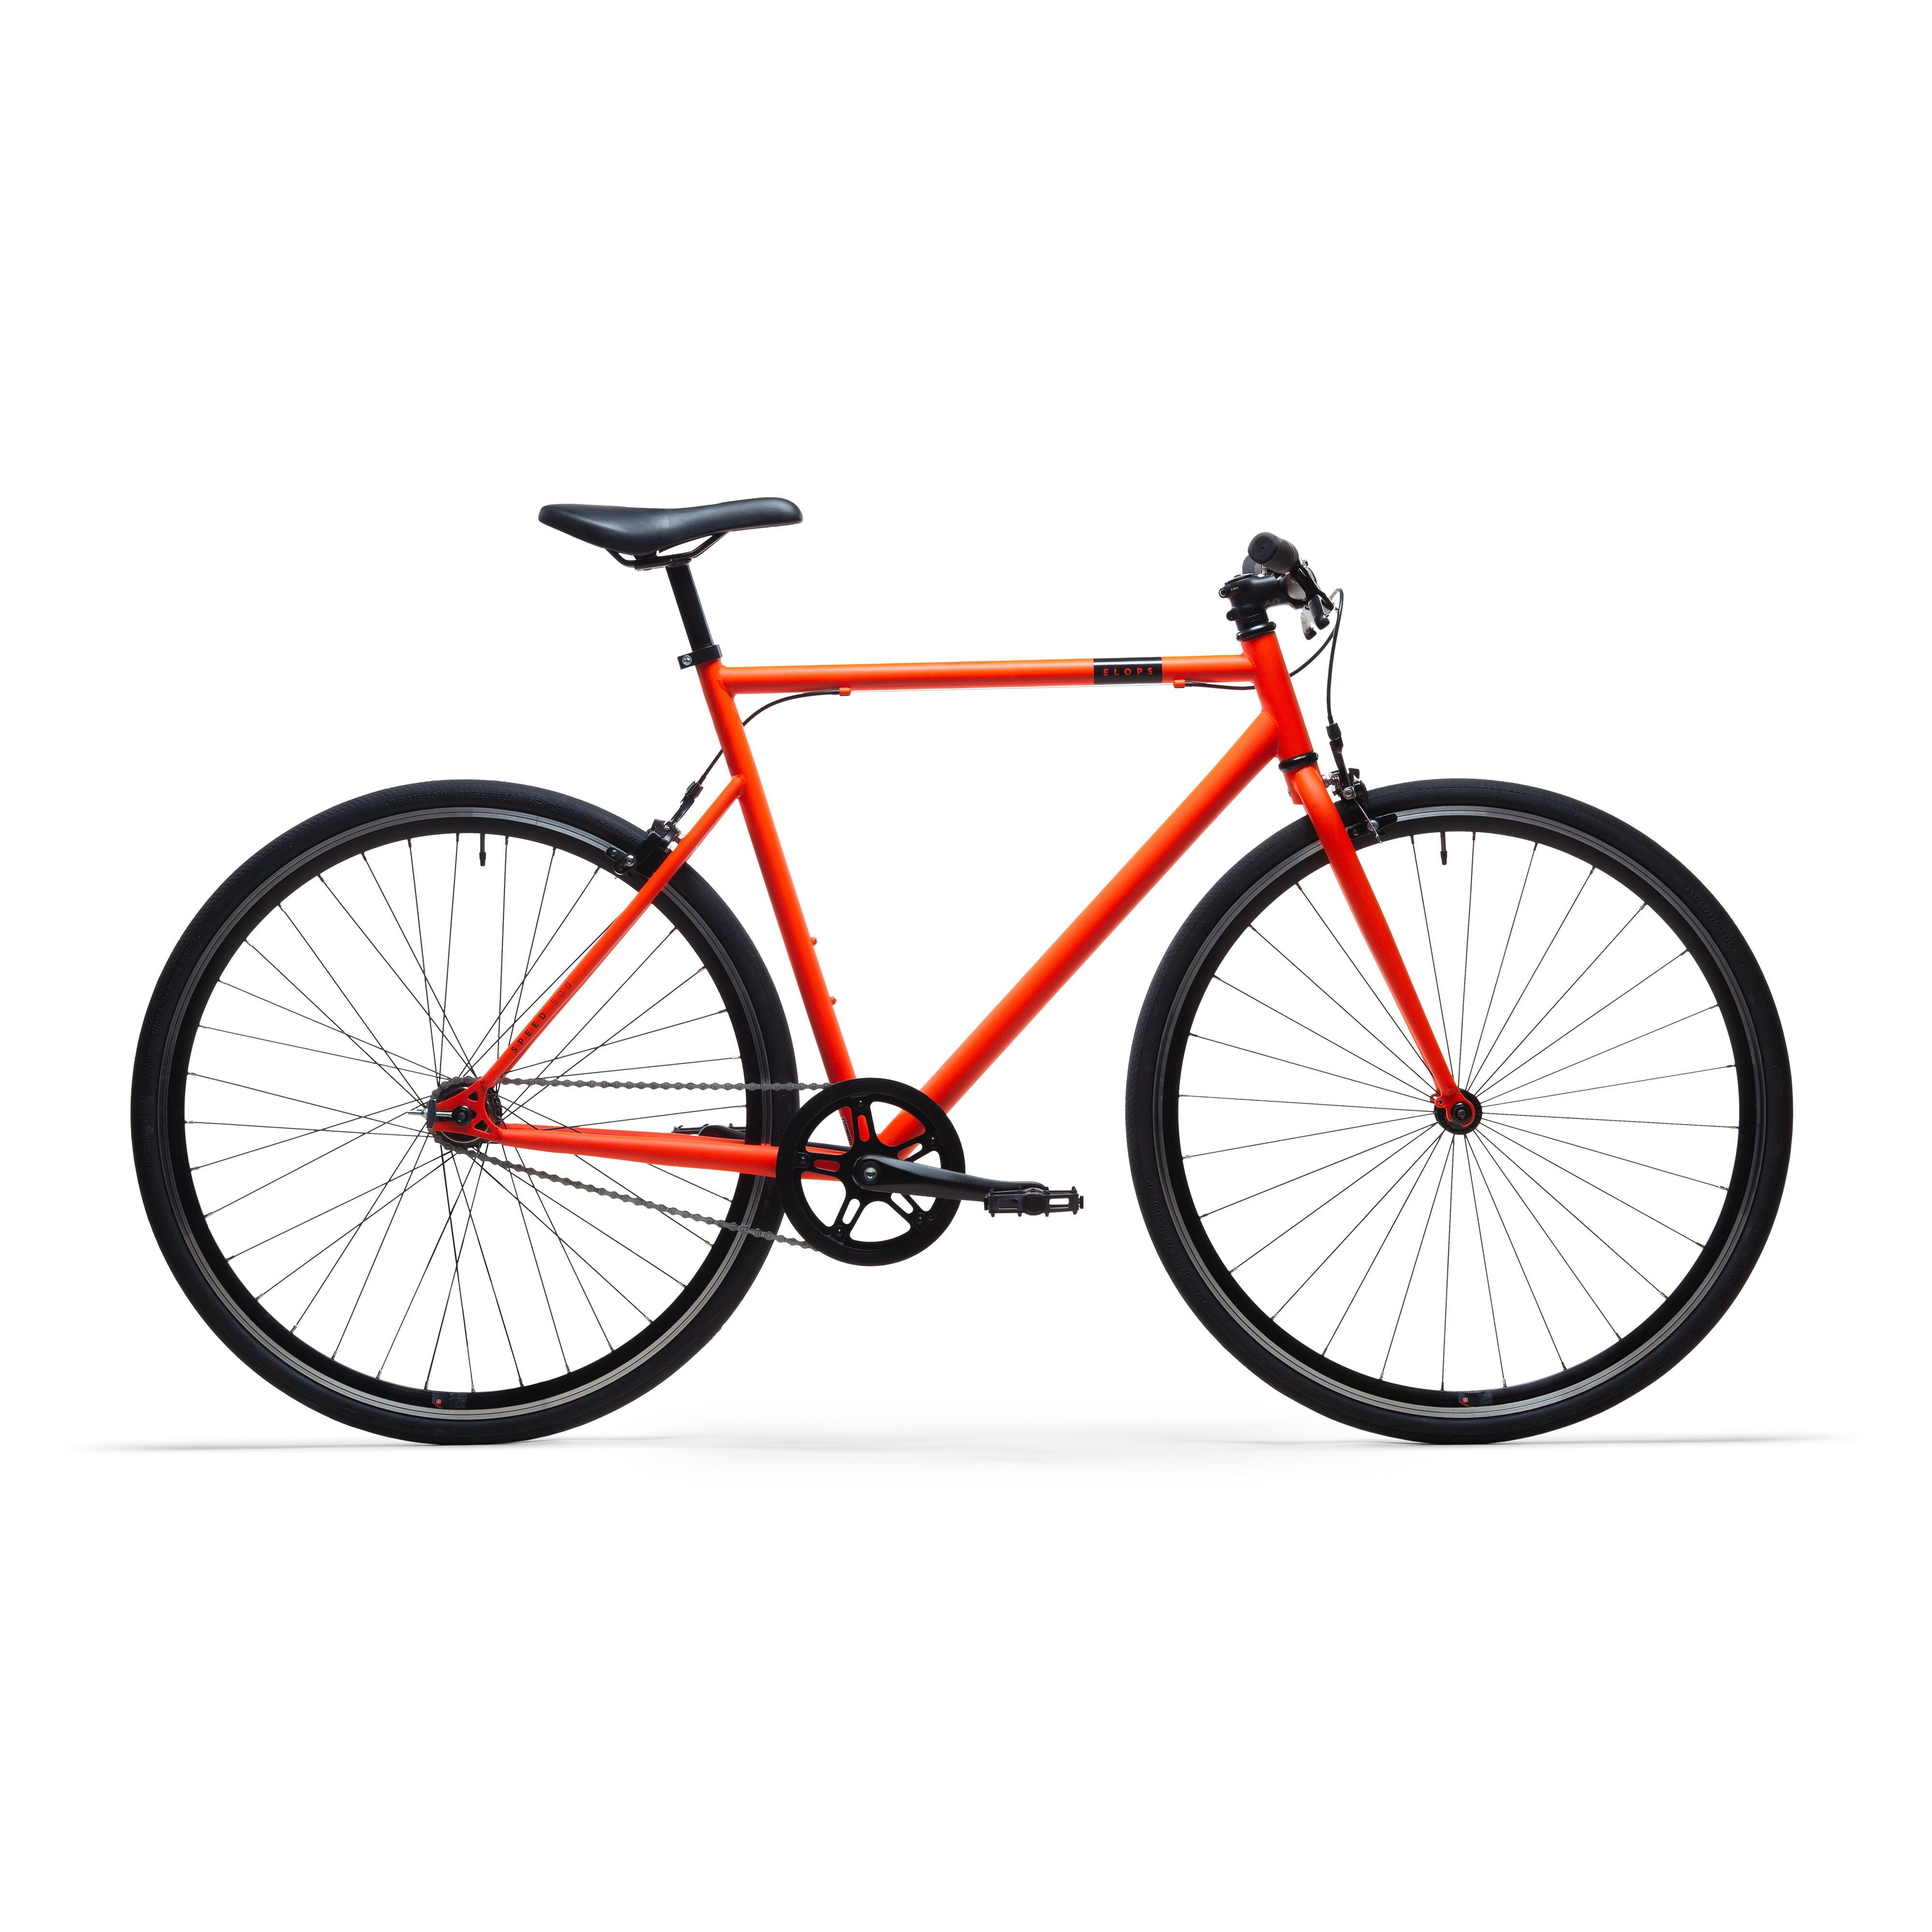 Lenker Riser Bar, Fahrrad Zubehr gebraucht kaufen   eBay